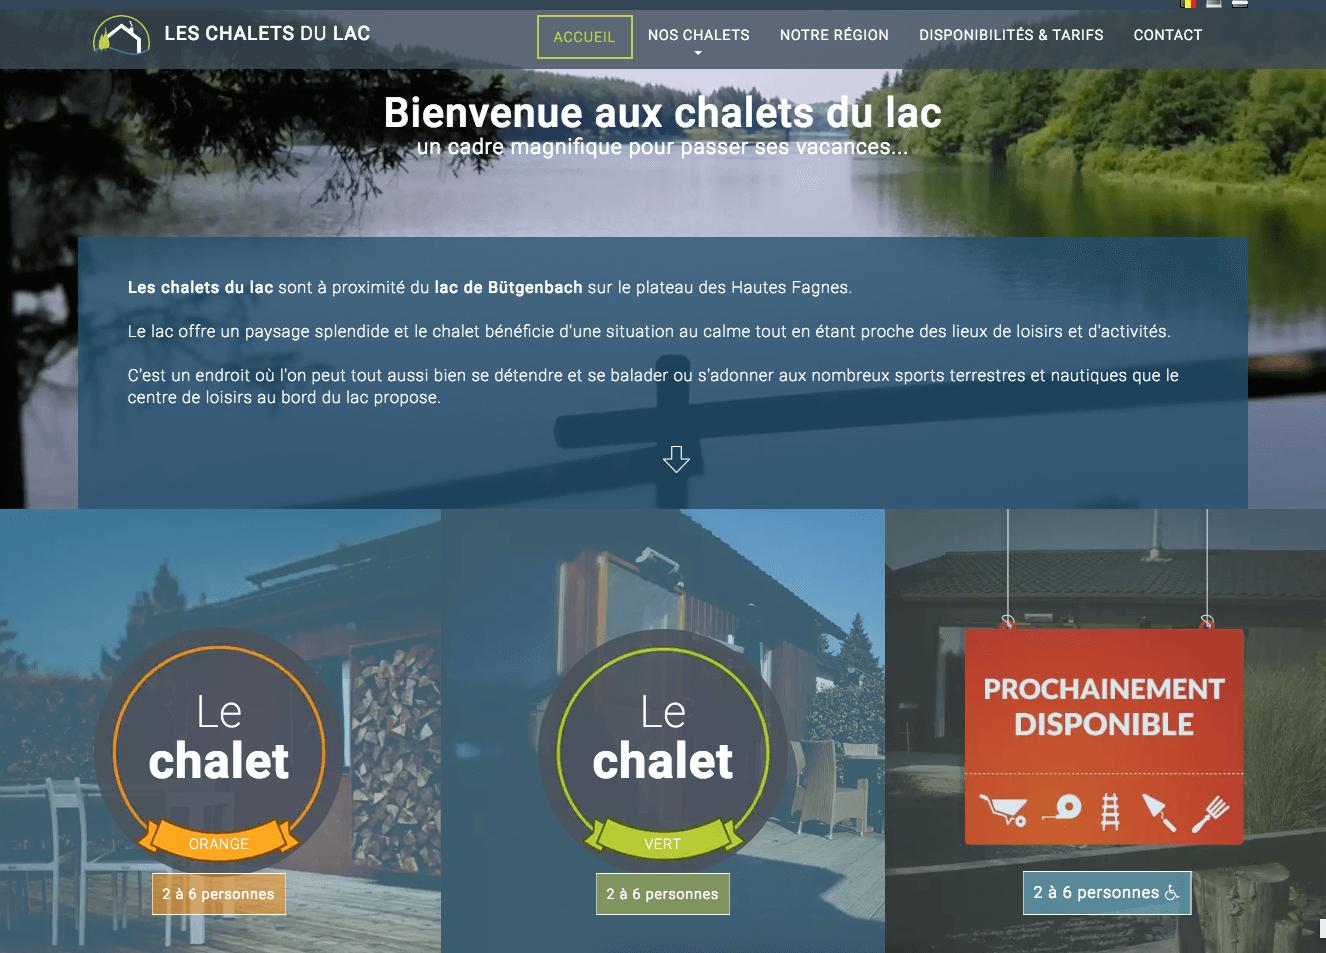 Accueil Les Chalets du Lac